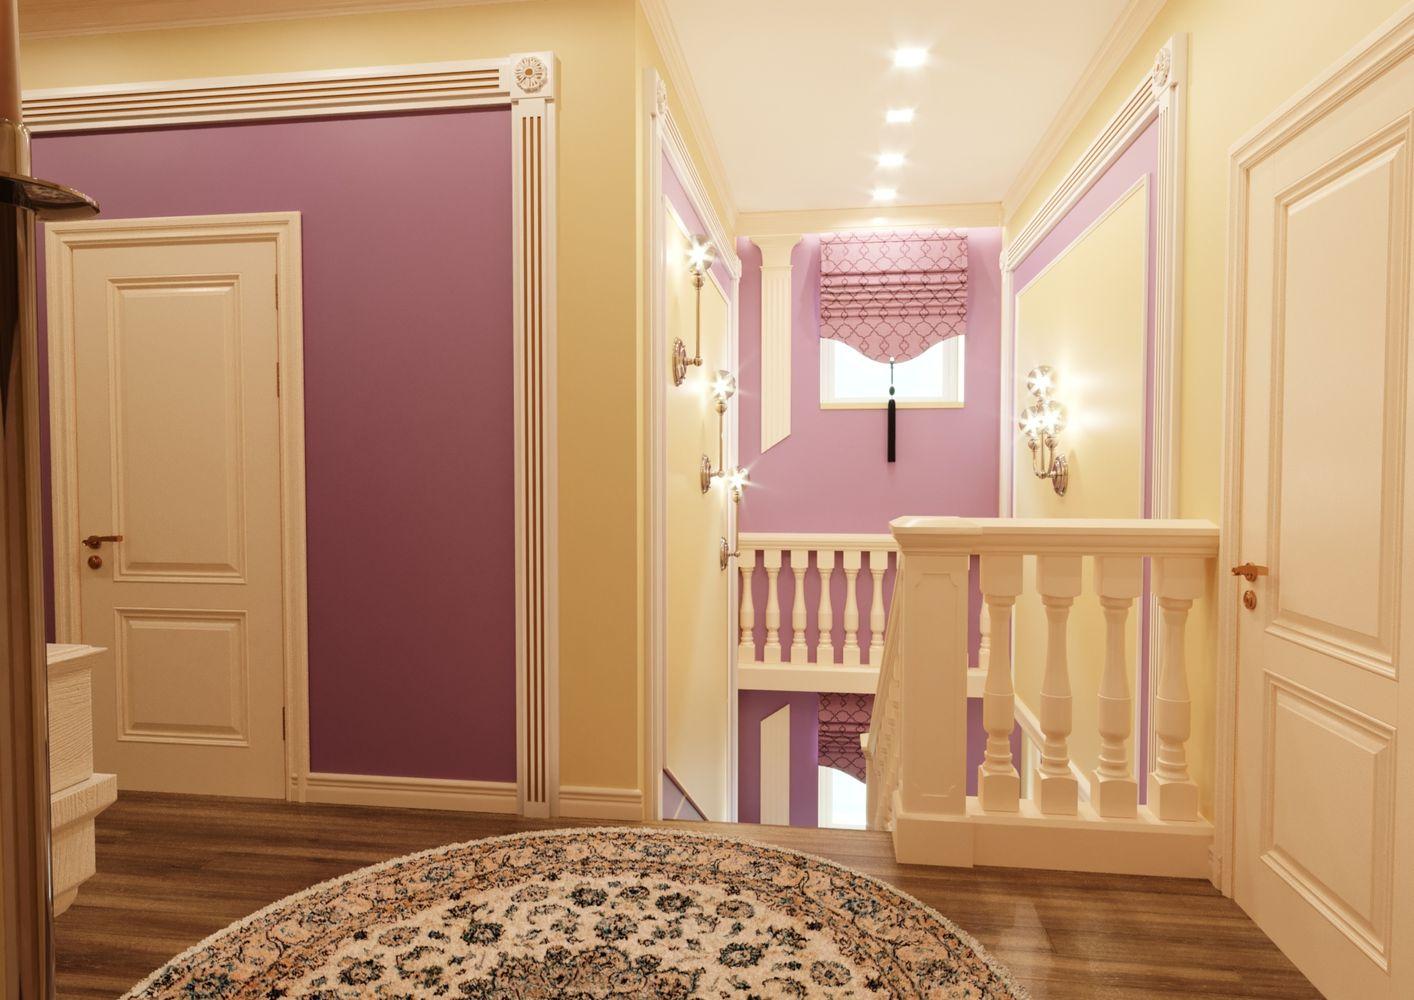 Лестничный холл 1 и 2 этажей в коттедже